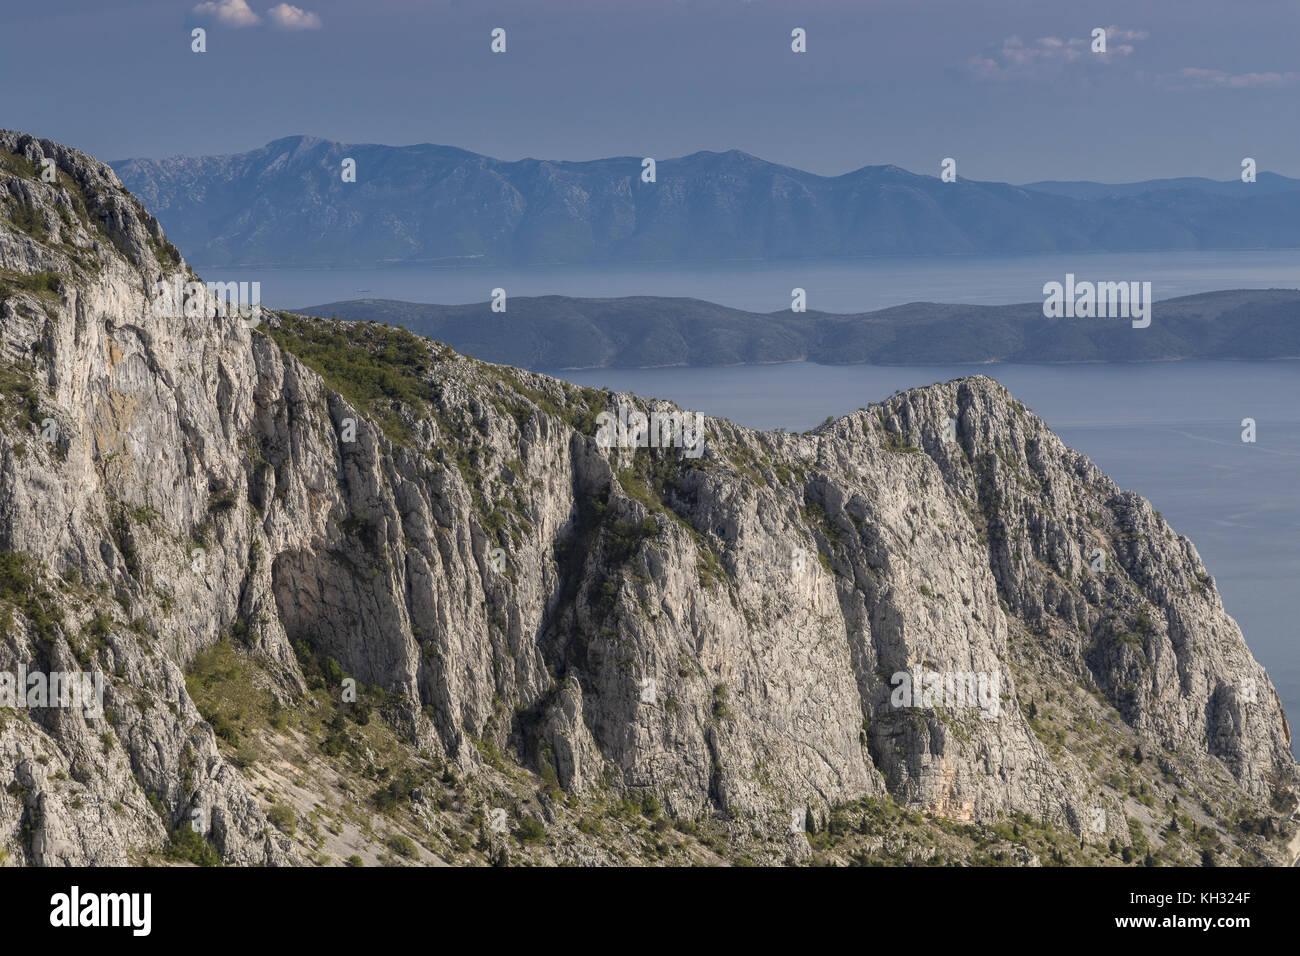 d59e5e5c3 Mirando a través de las faldas del monte Biokovo, hacia la costa ...